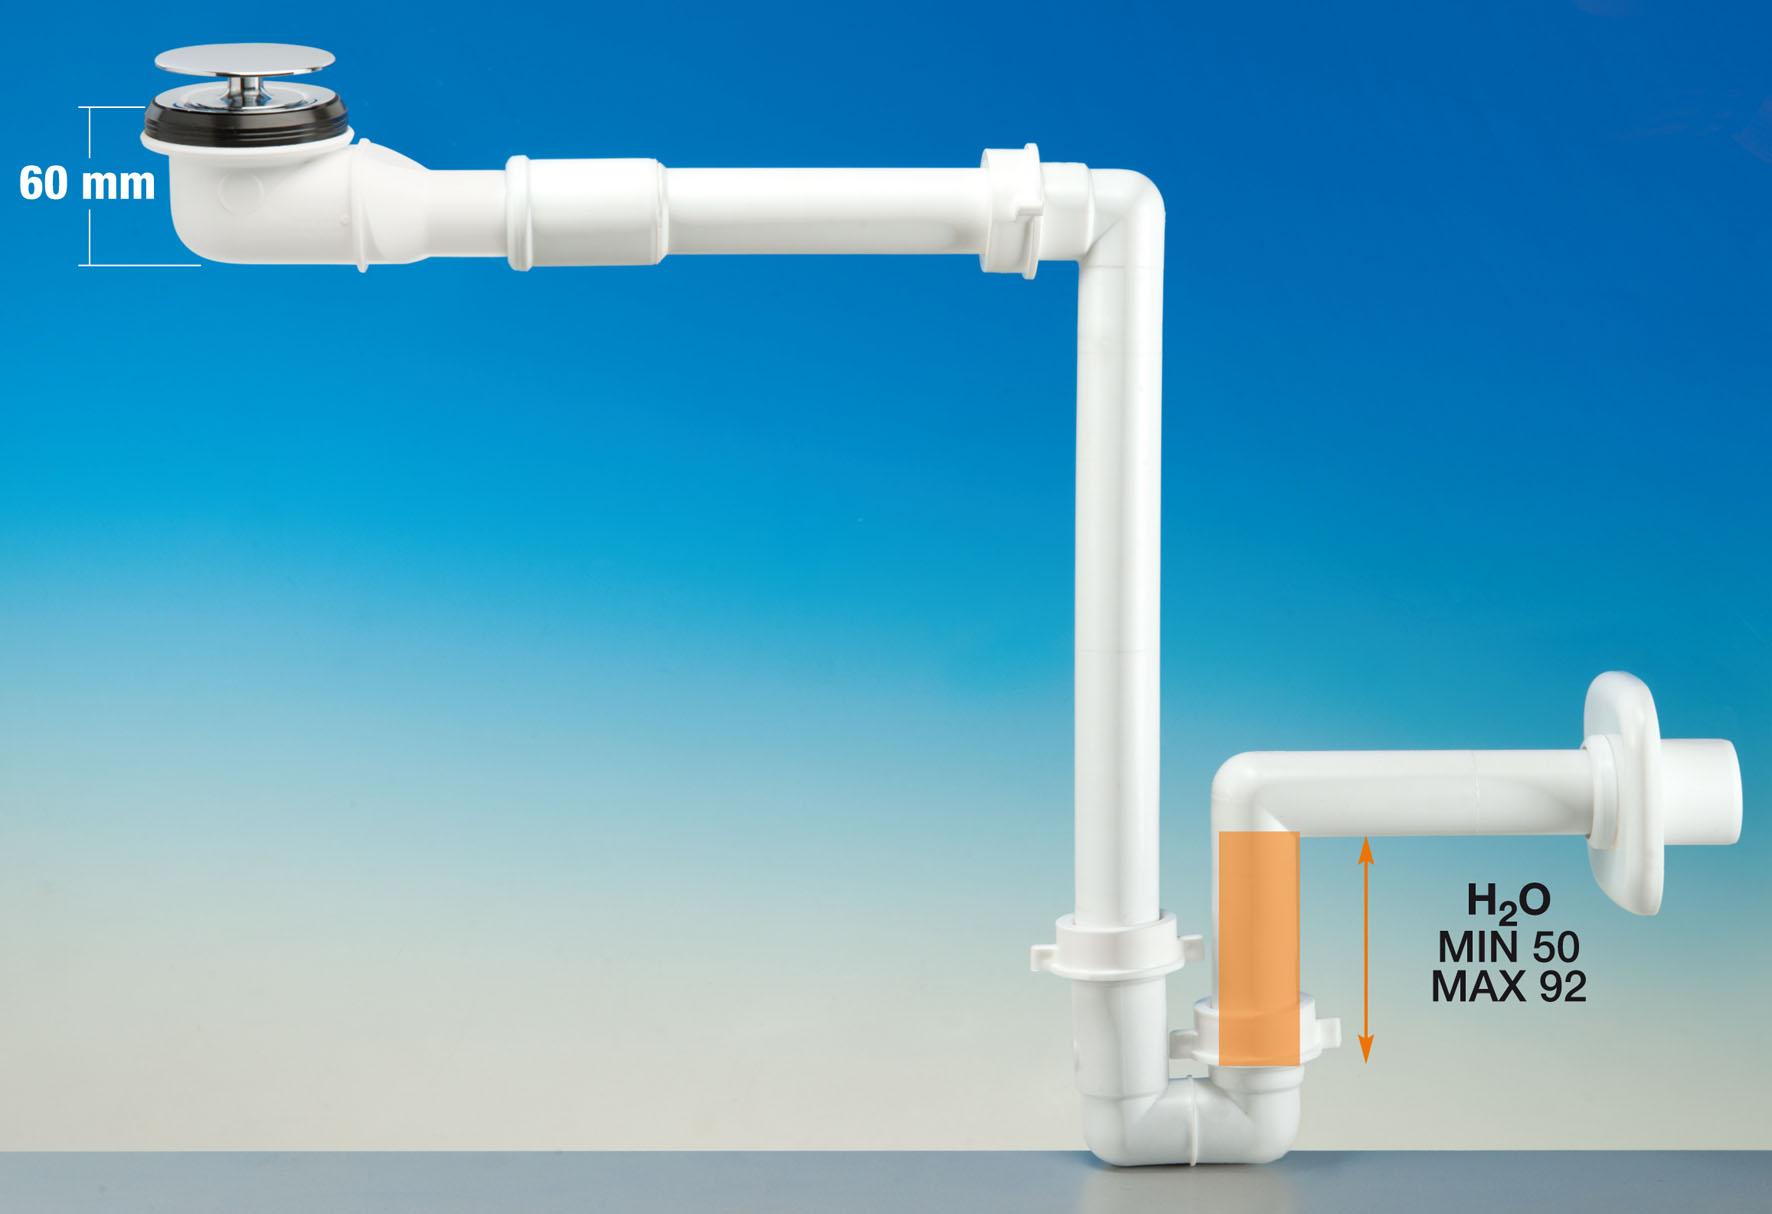 Kit sifone pi piletta pi spazio sotto il lavabo gt il giornale del termoidraulico - Sifone lavandino bagno ...